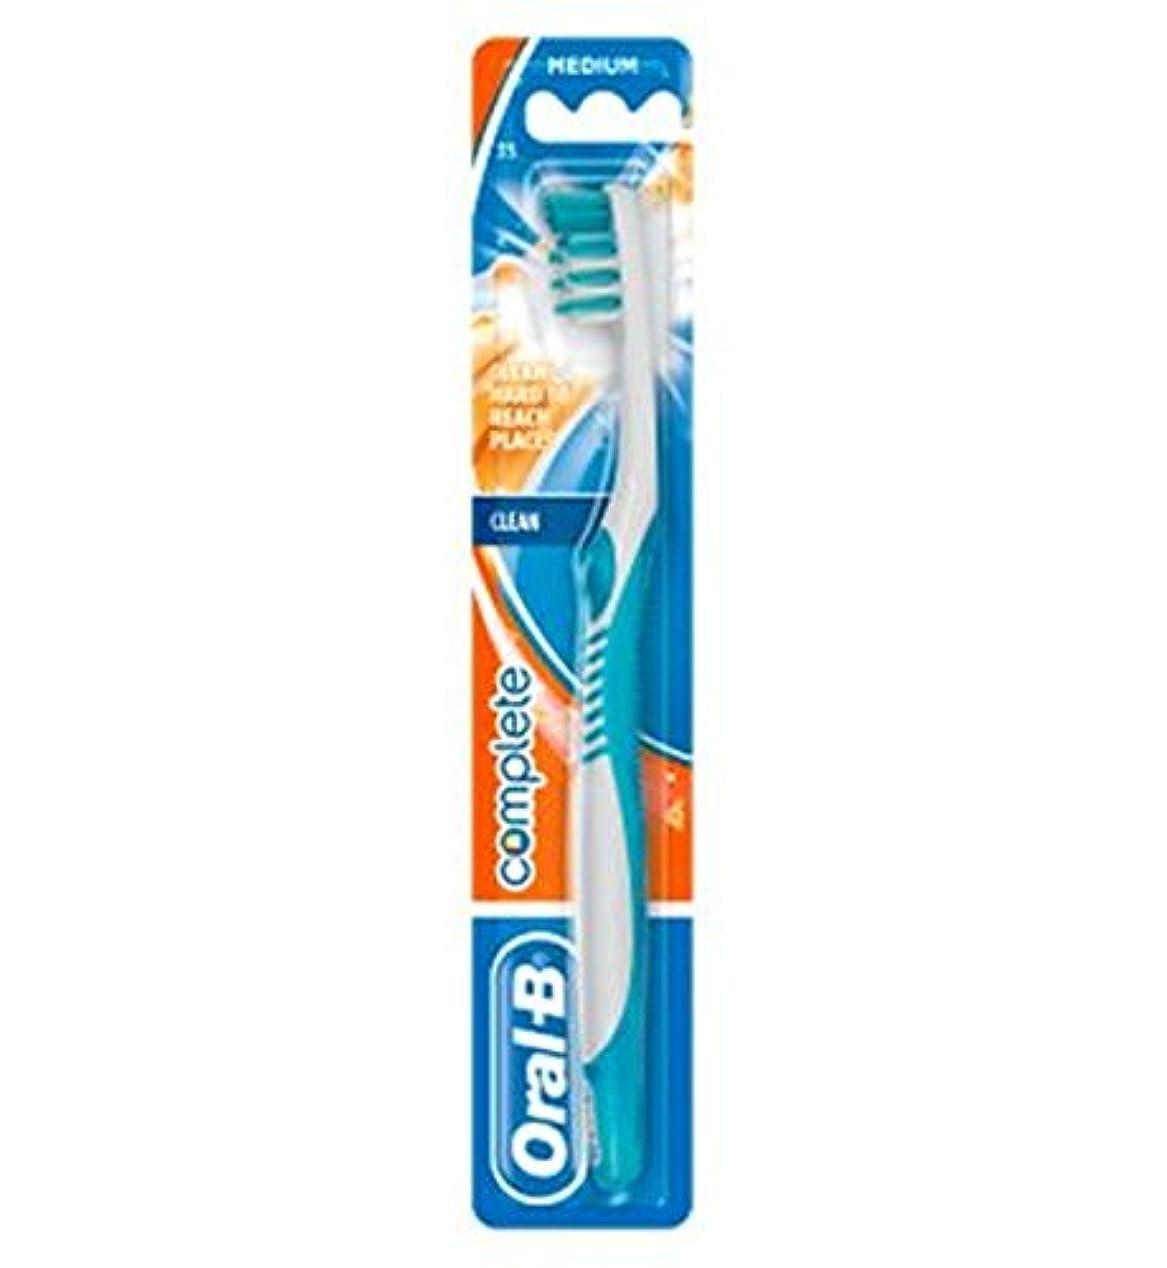 劇作家地平線アイドルオーラルB?アドバンテージ?プラス35 Med歯ブラシ (Oral B) (x2) - Oral-B Advantage Plus 35 Med Toothbrush (Pack of 2) [並行輸入品]